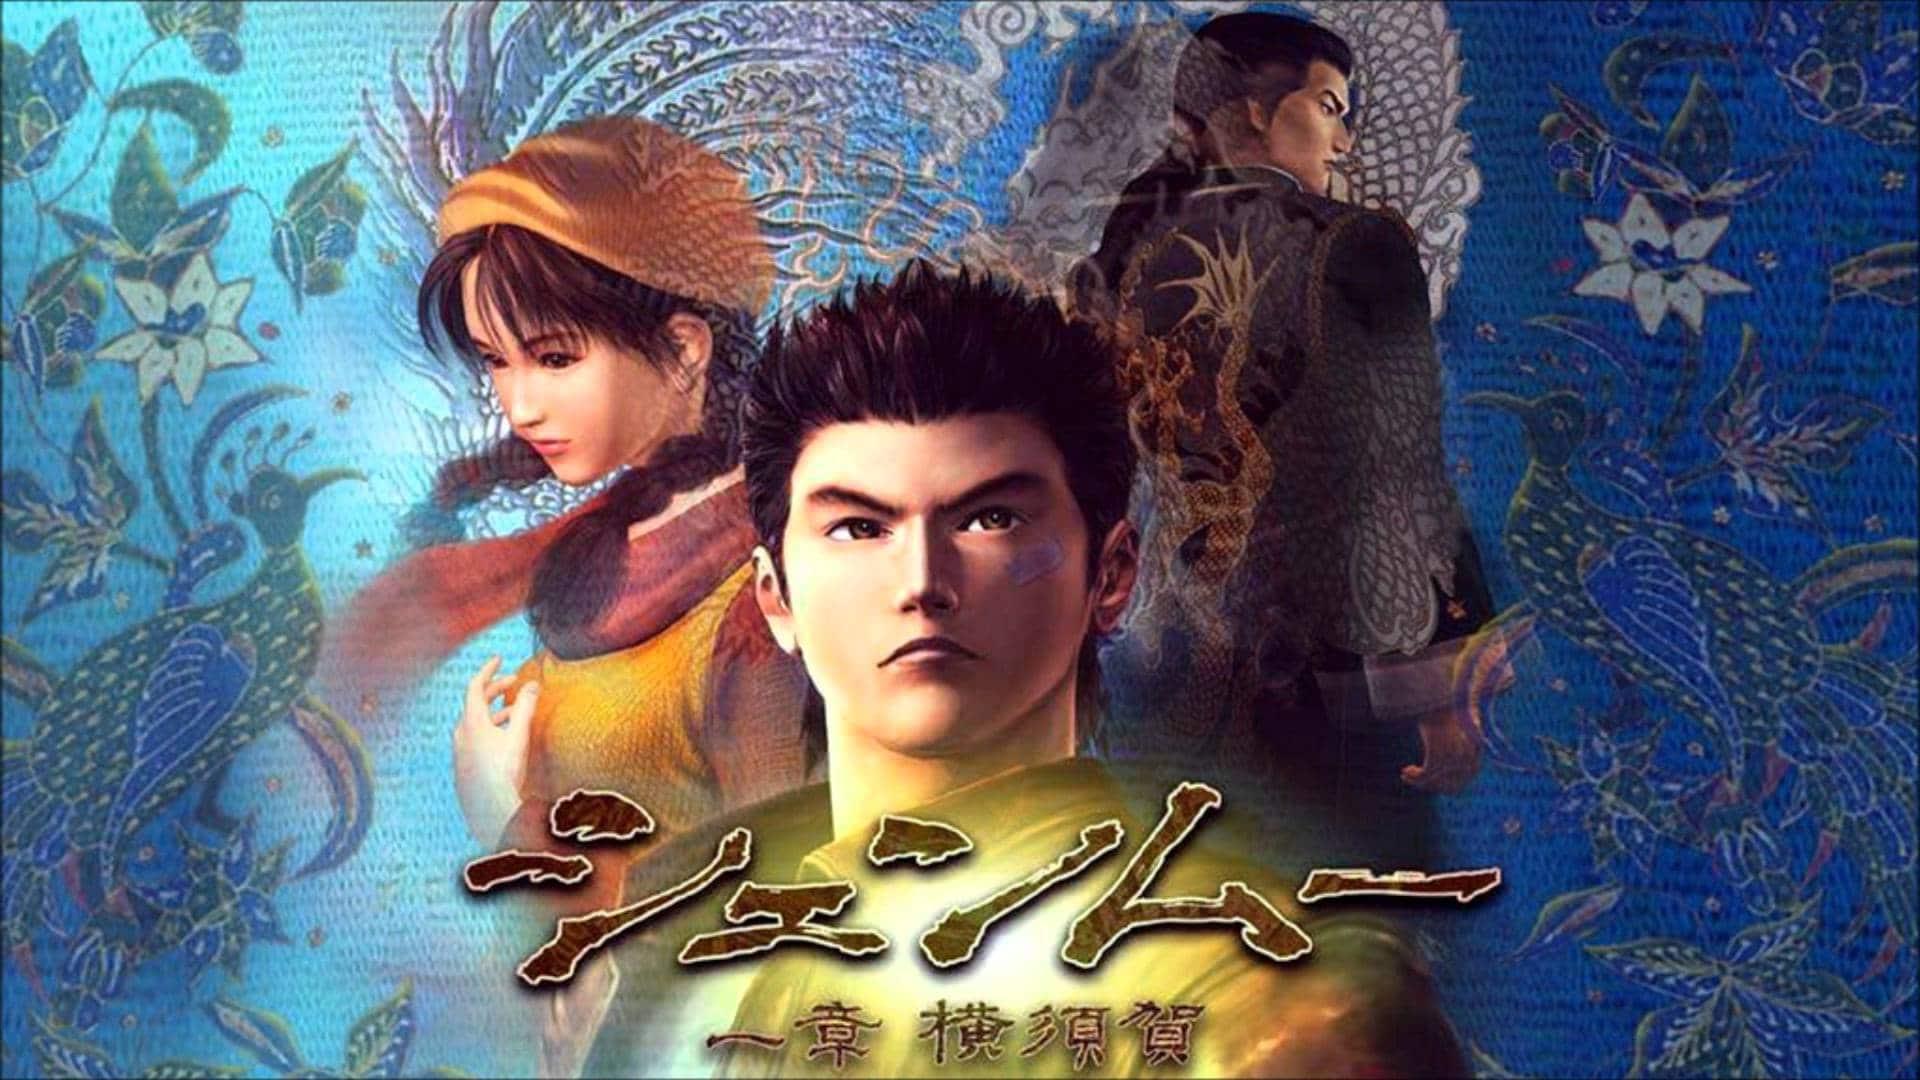 Η Sega ακύρωσε ένα ολοκληρωμένο Shenmue HD remake